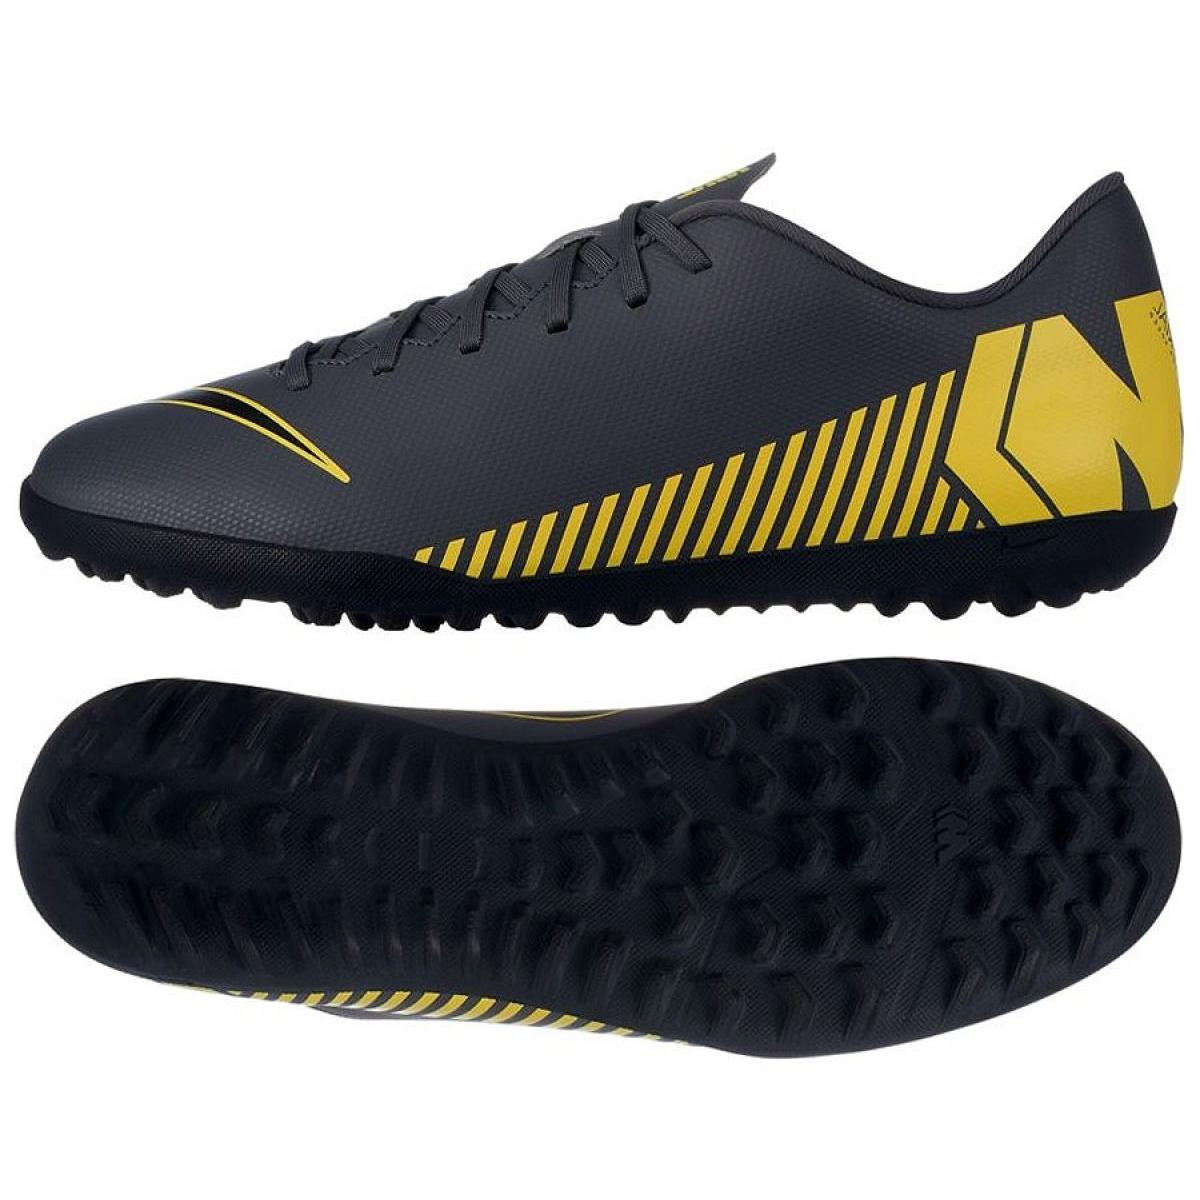 grand choix de f8d7b 837d4 Nike Mercurial Vapor 12 Club Tf M AH7386-070 Football Shoes